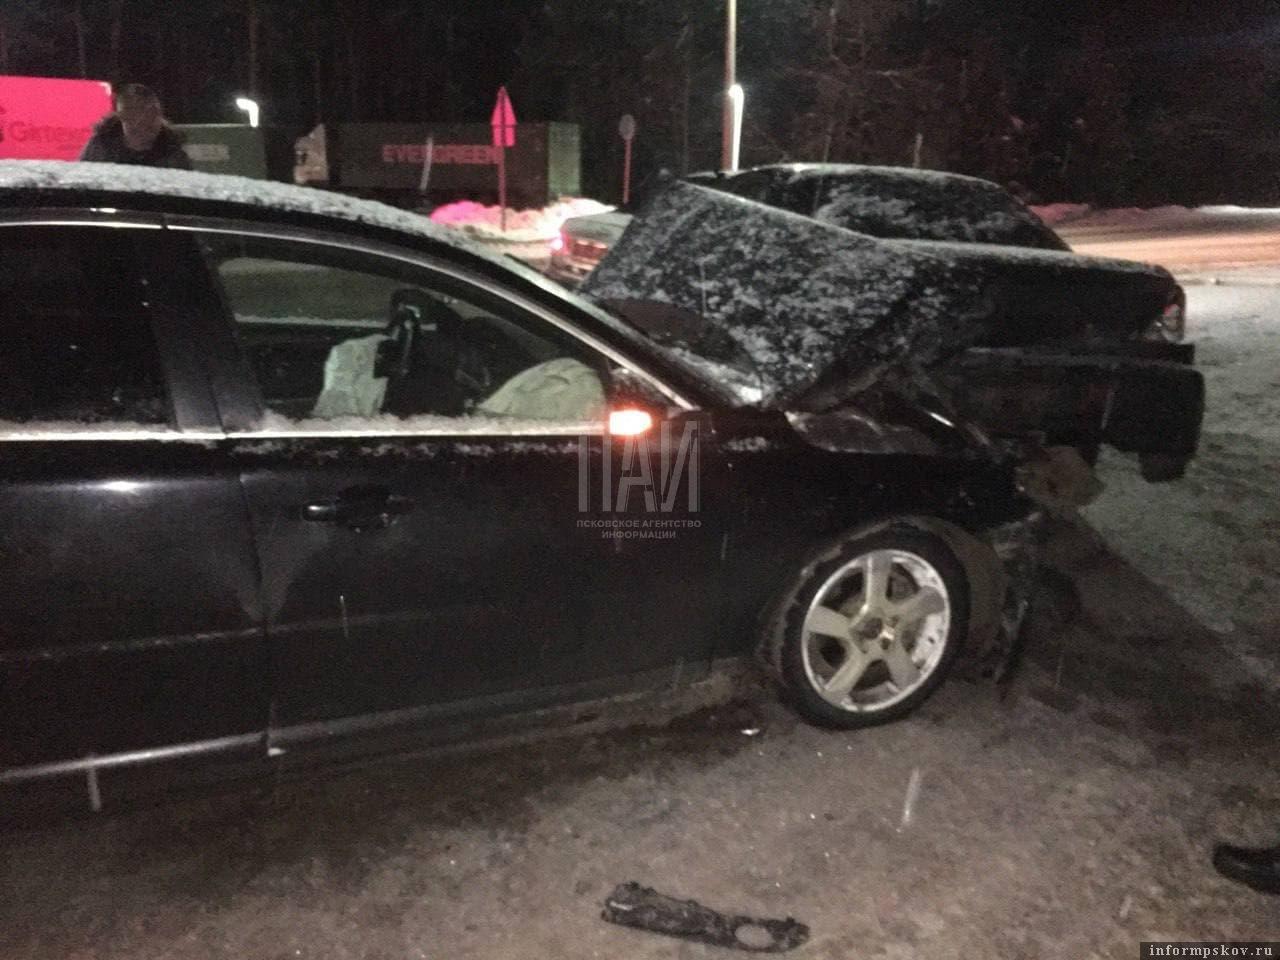 Автомобили от удара последней машины впечатаплись по цепочке друг в друга. Фото ПАИ